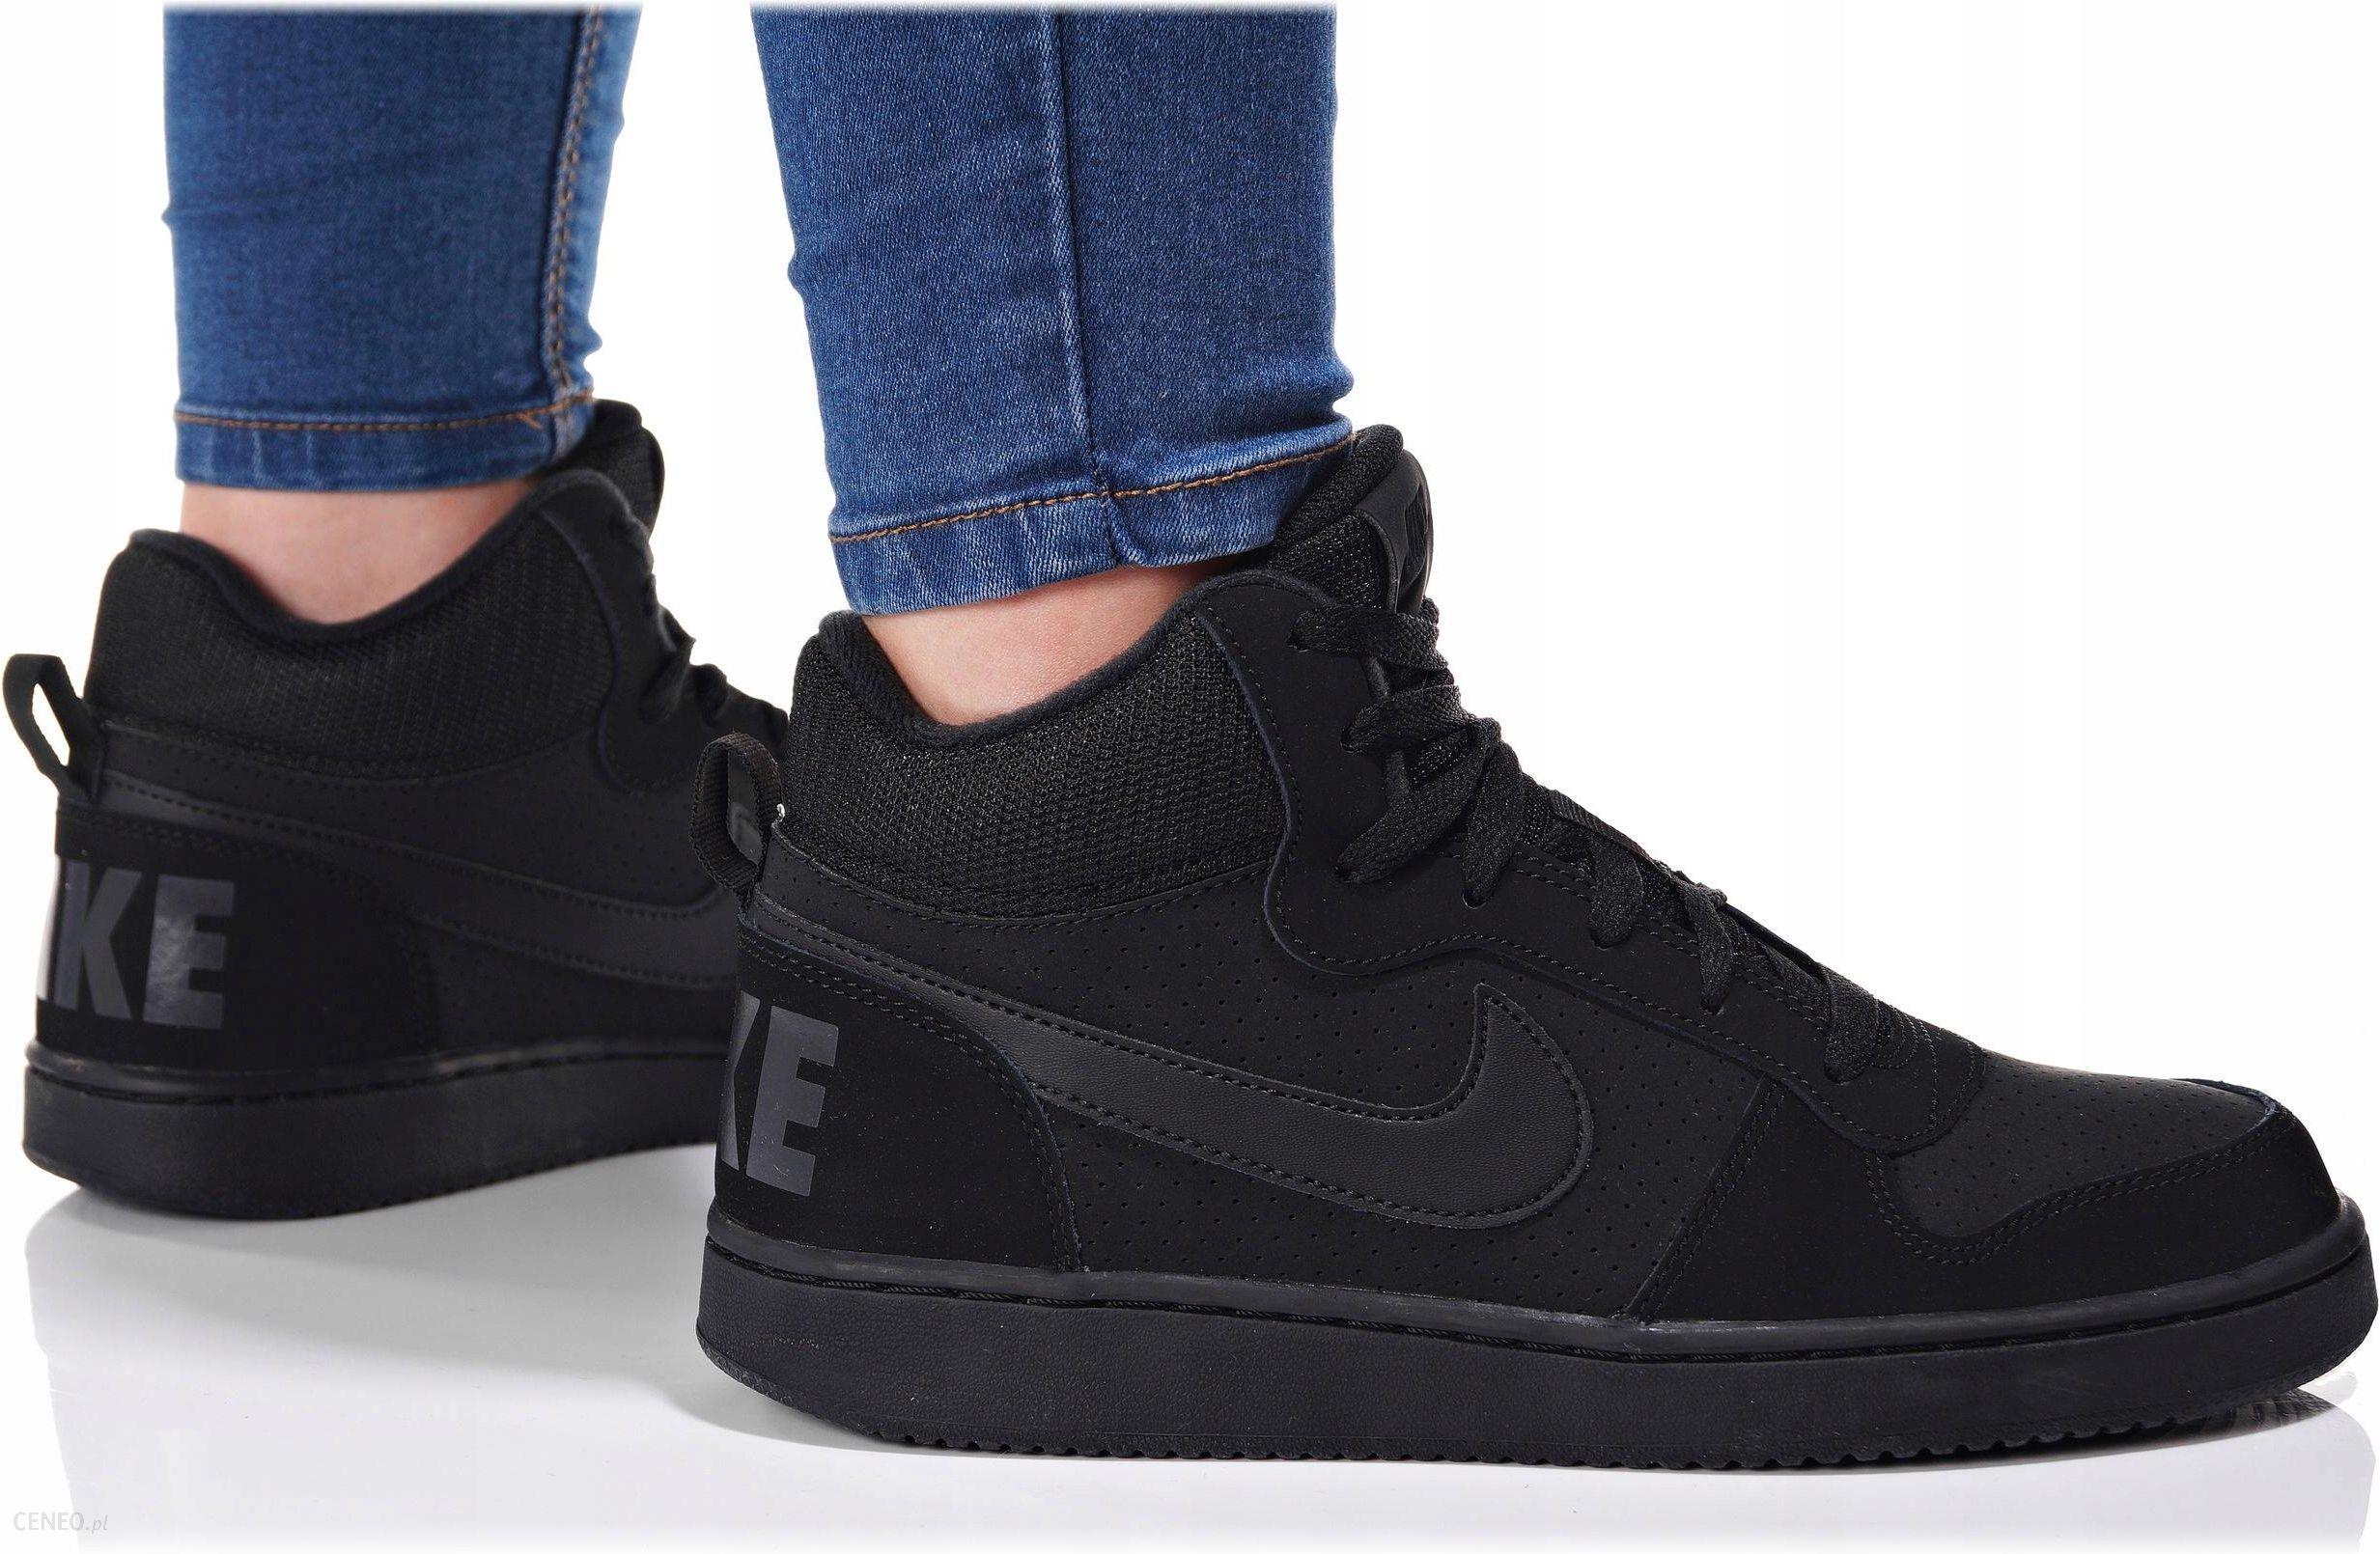 Buty Nike Damskie Court Borough MID Gs 839977 001 Ceny i opinie Ceneo.pl